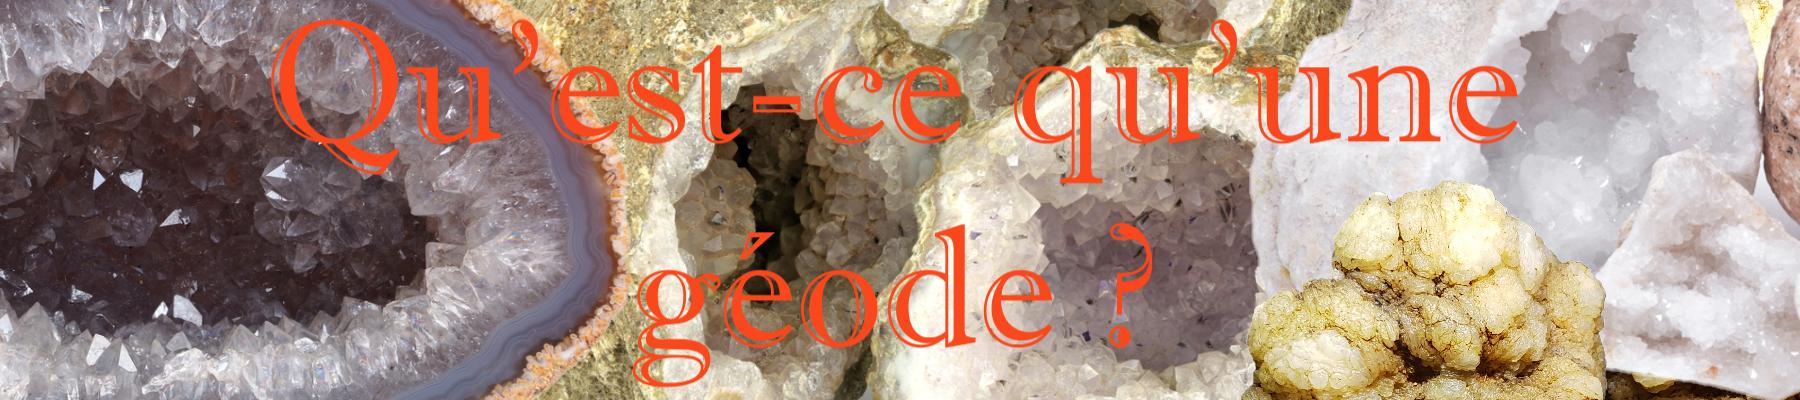 geode-mineraux-cristaux-quartz-explication-definition-achat-vente